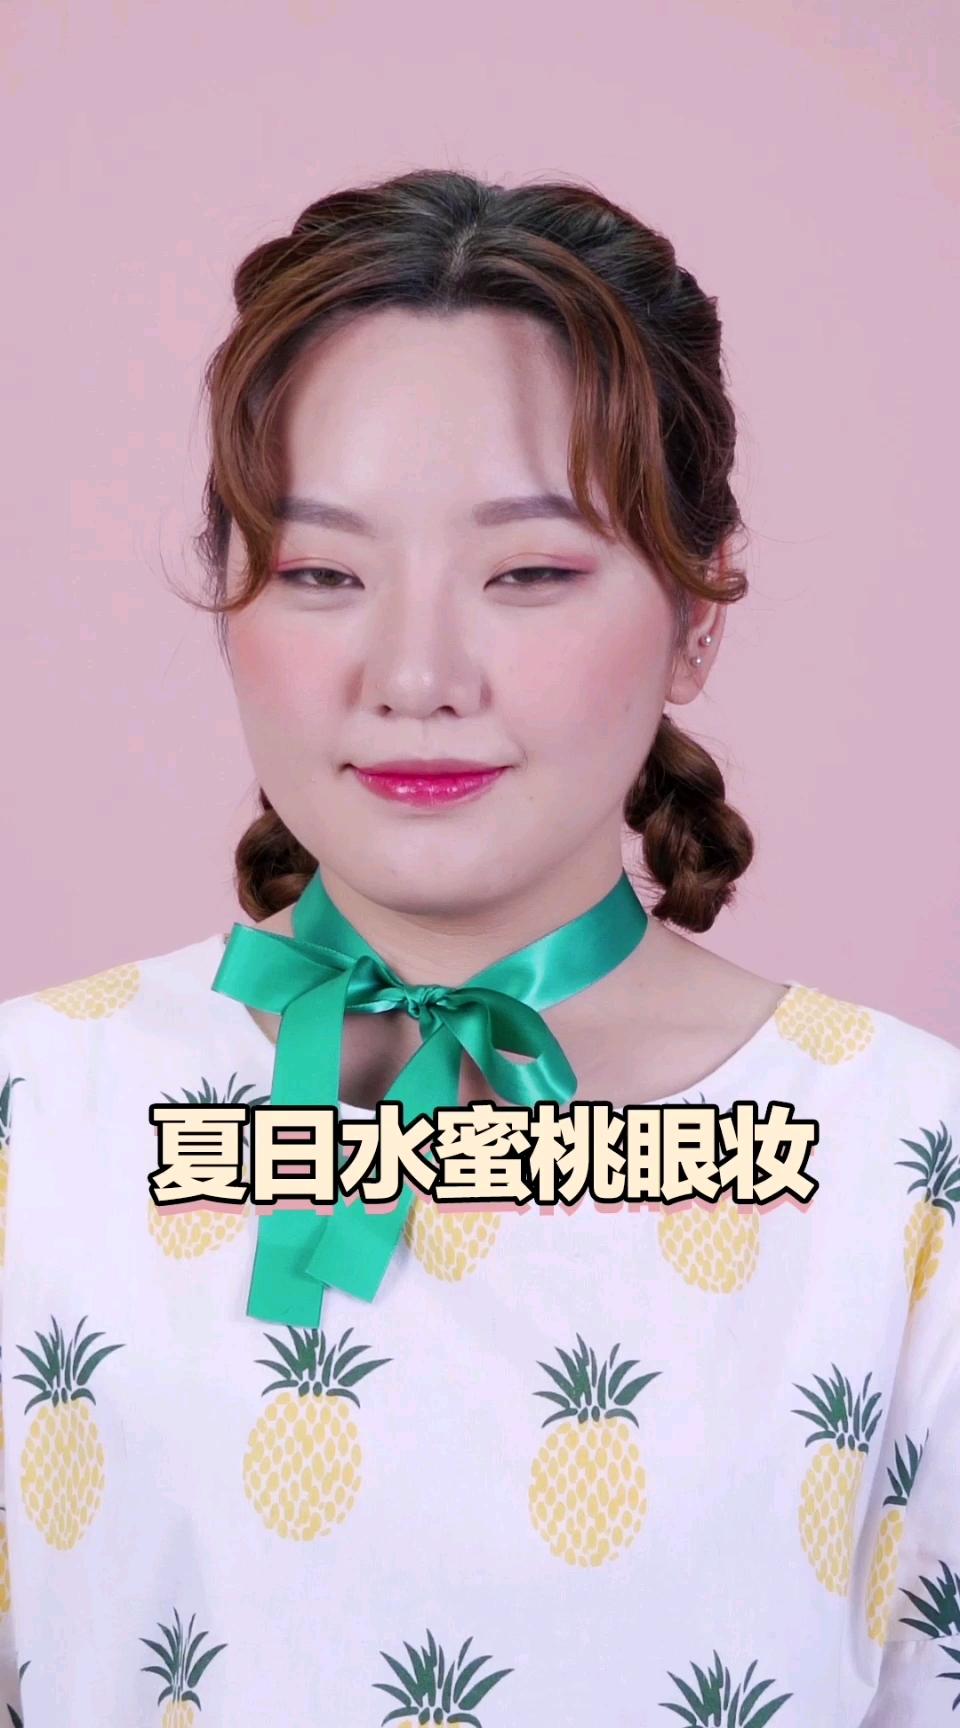 清透夏日水蜜桃眼妆,工作日也是不会丧气的超元气女孩~! #美妆#